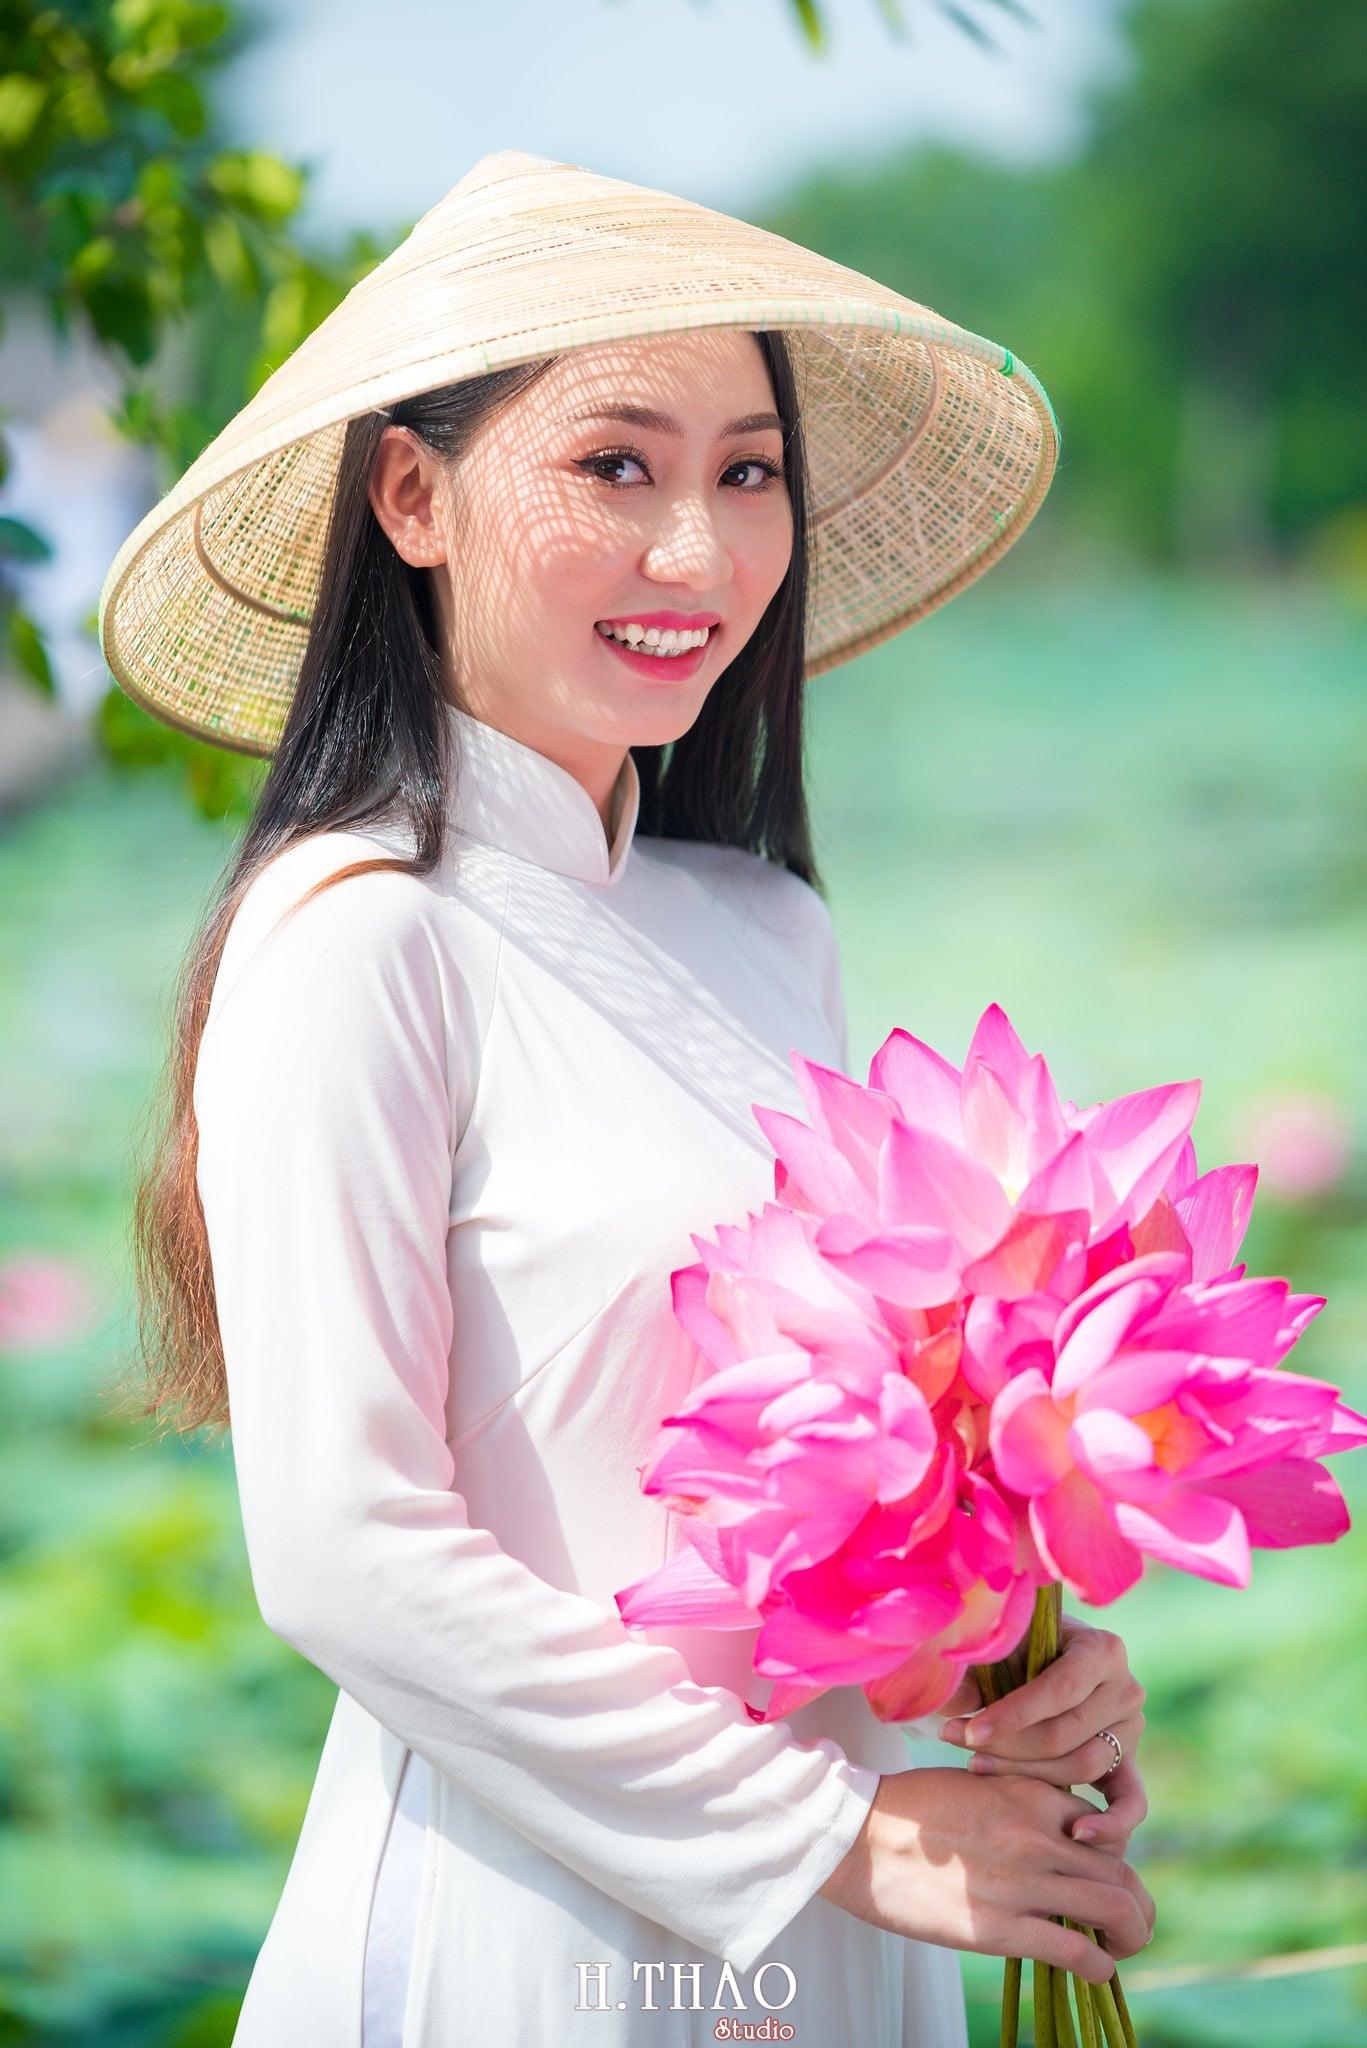 Chup hinh hoa sen 18 - Góc ảnh thiếu nữ bên hoa sen tam đa quận 9 tuyệt đẹp - HThao Studio